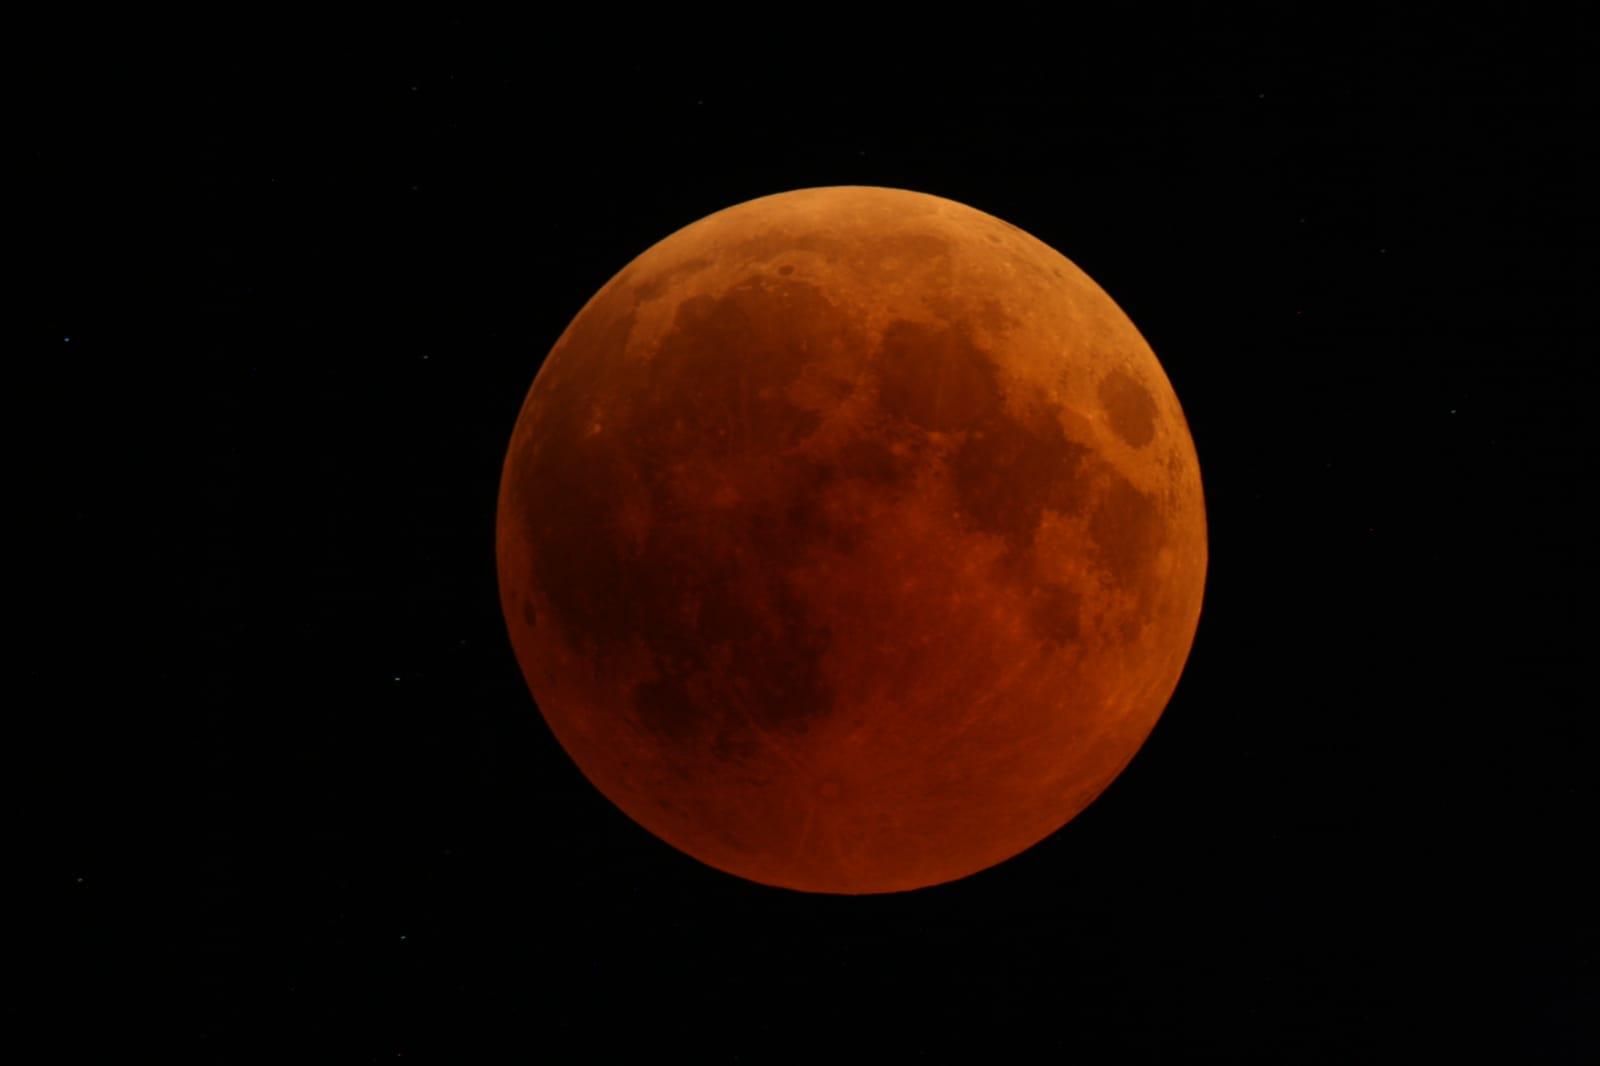 In arrivo l'eclissi totale di Luna più lunga del secolo - Scienza & Tecnica